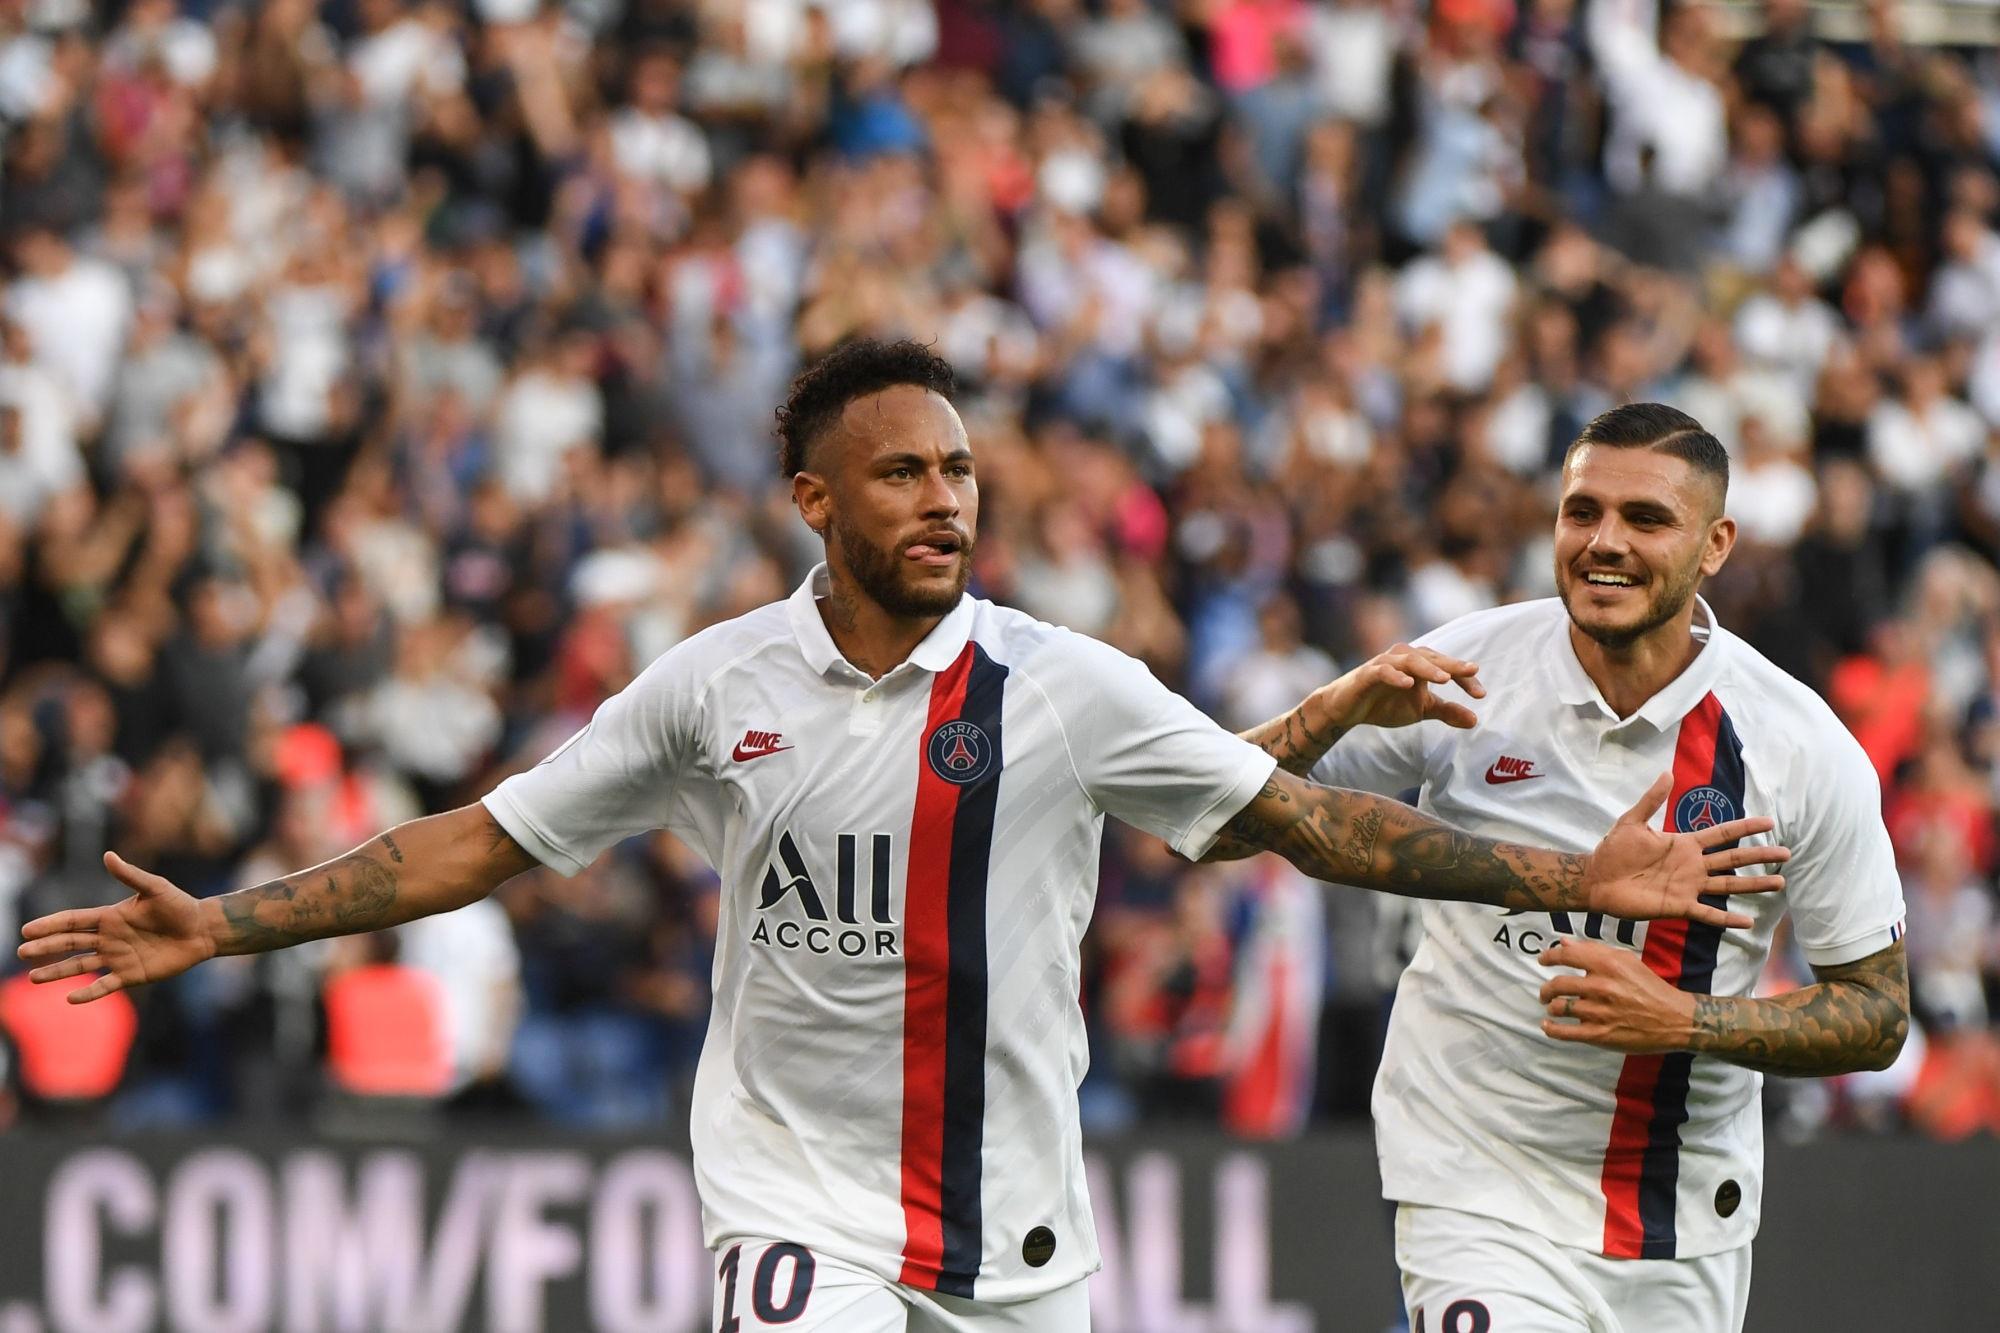 Le retourné de Neymar face à Strasbourg encore élu plus beau but de la saison du PSG